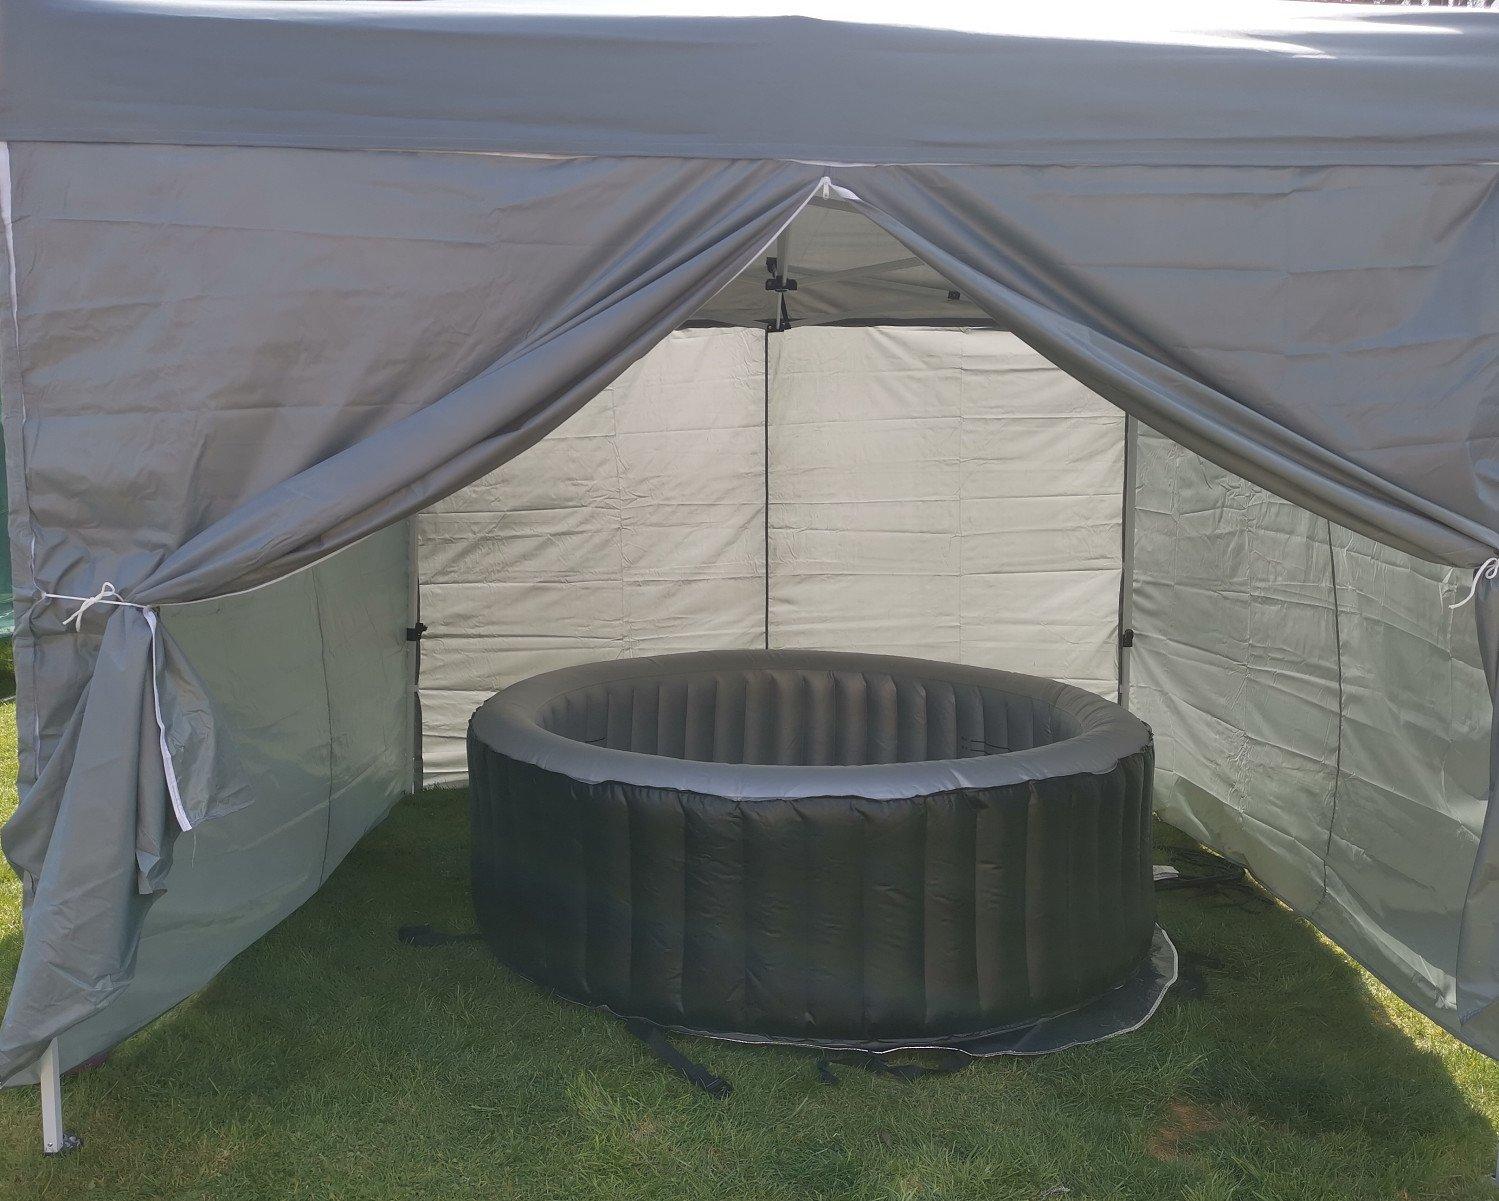 25% off hot tub hire